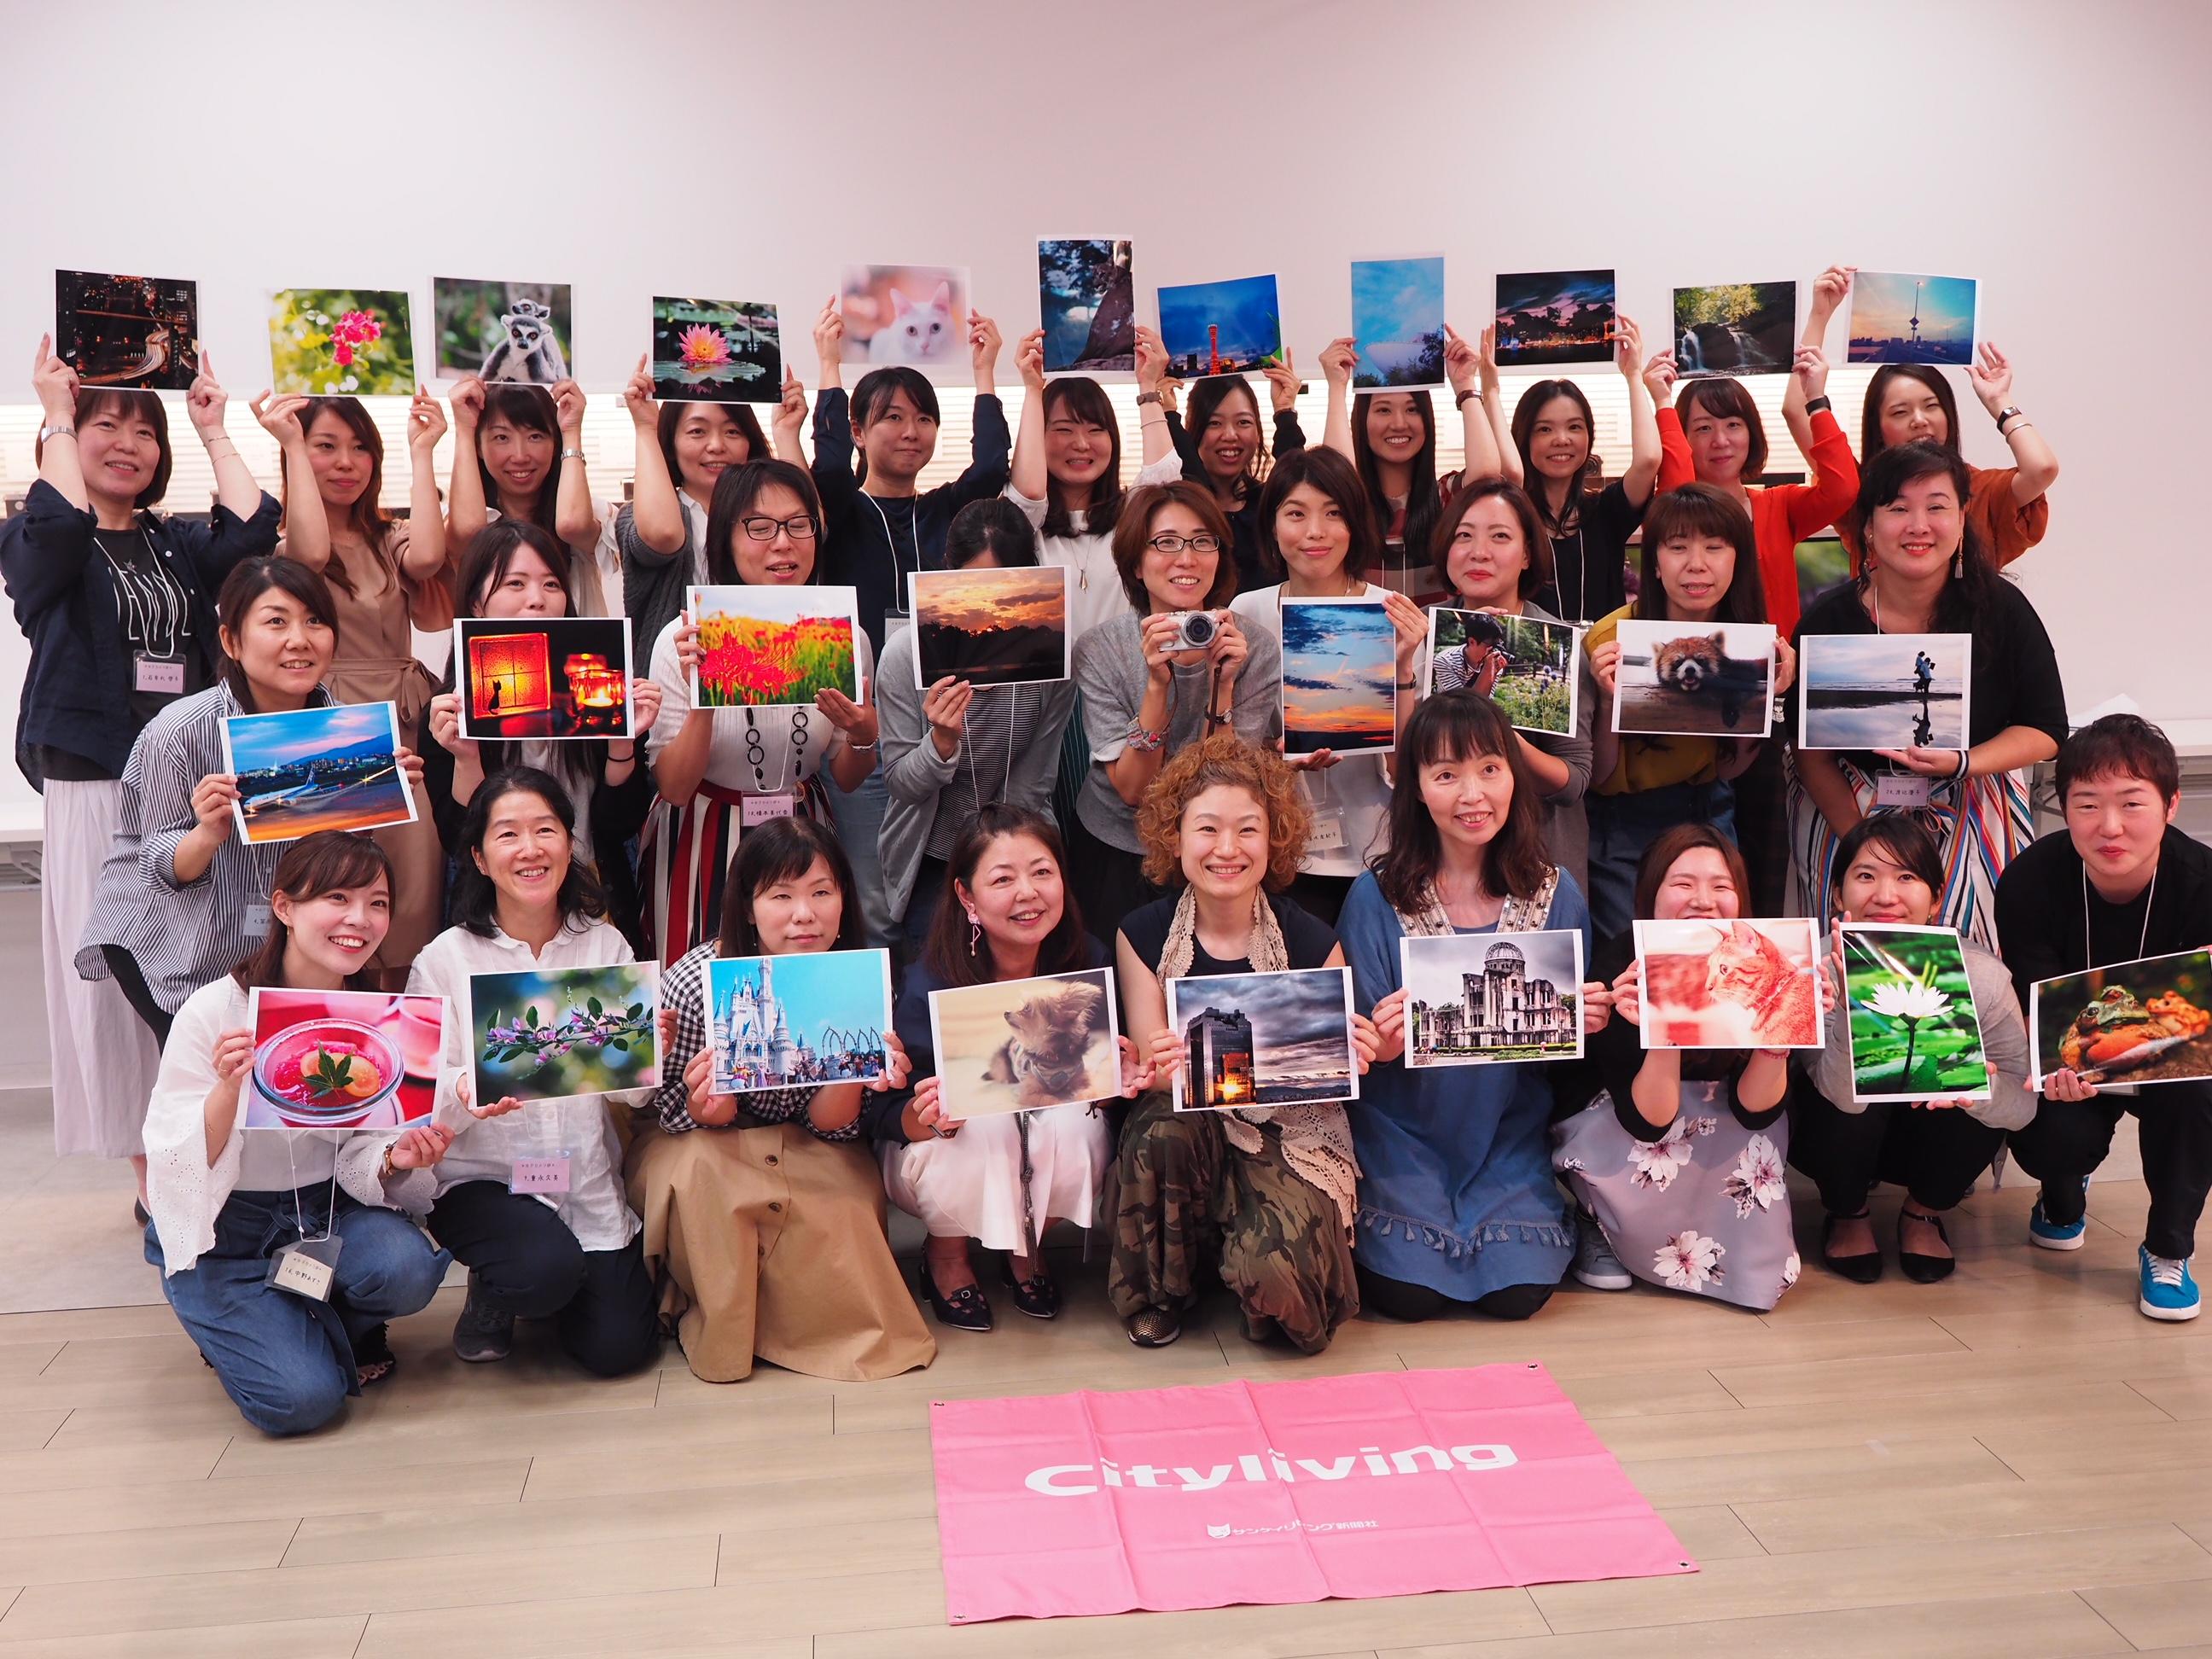 <レポート>第三回 神戸どうぶつ王国での撮影会・最終回 フォトコンテストを開催